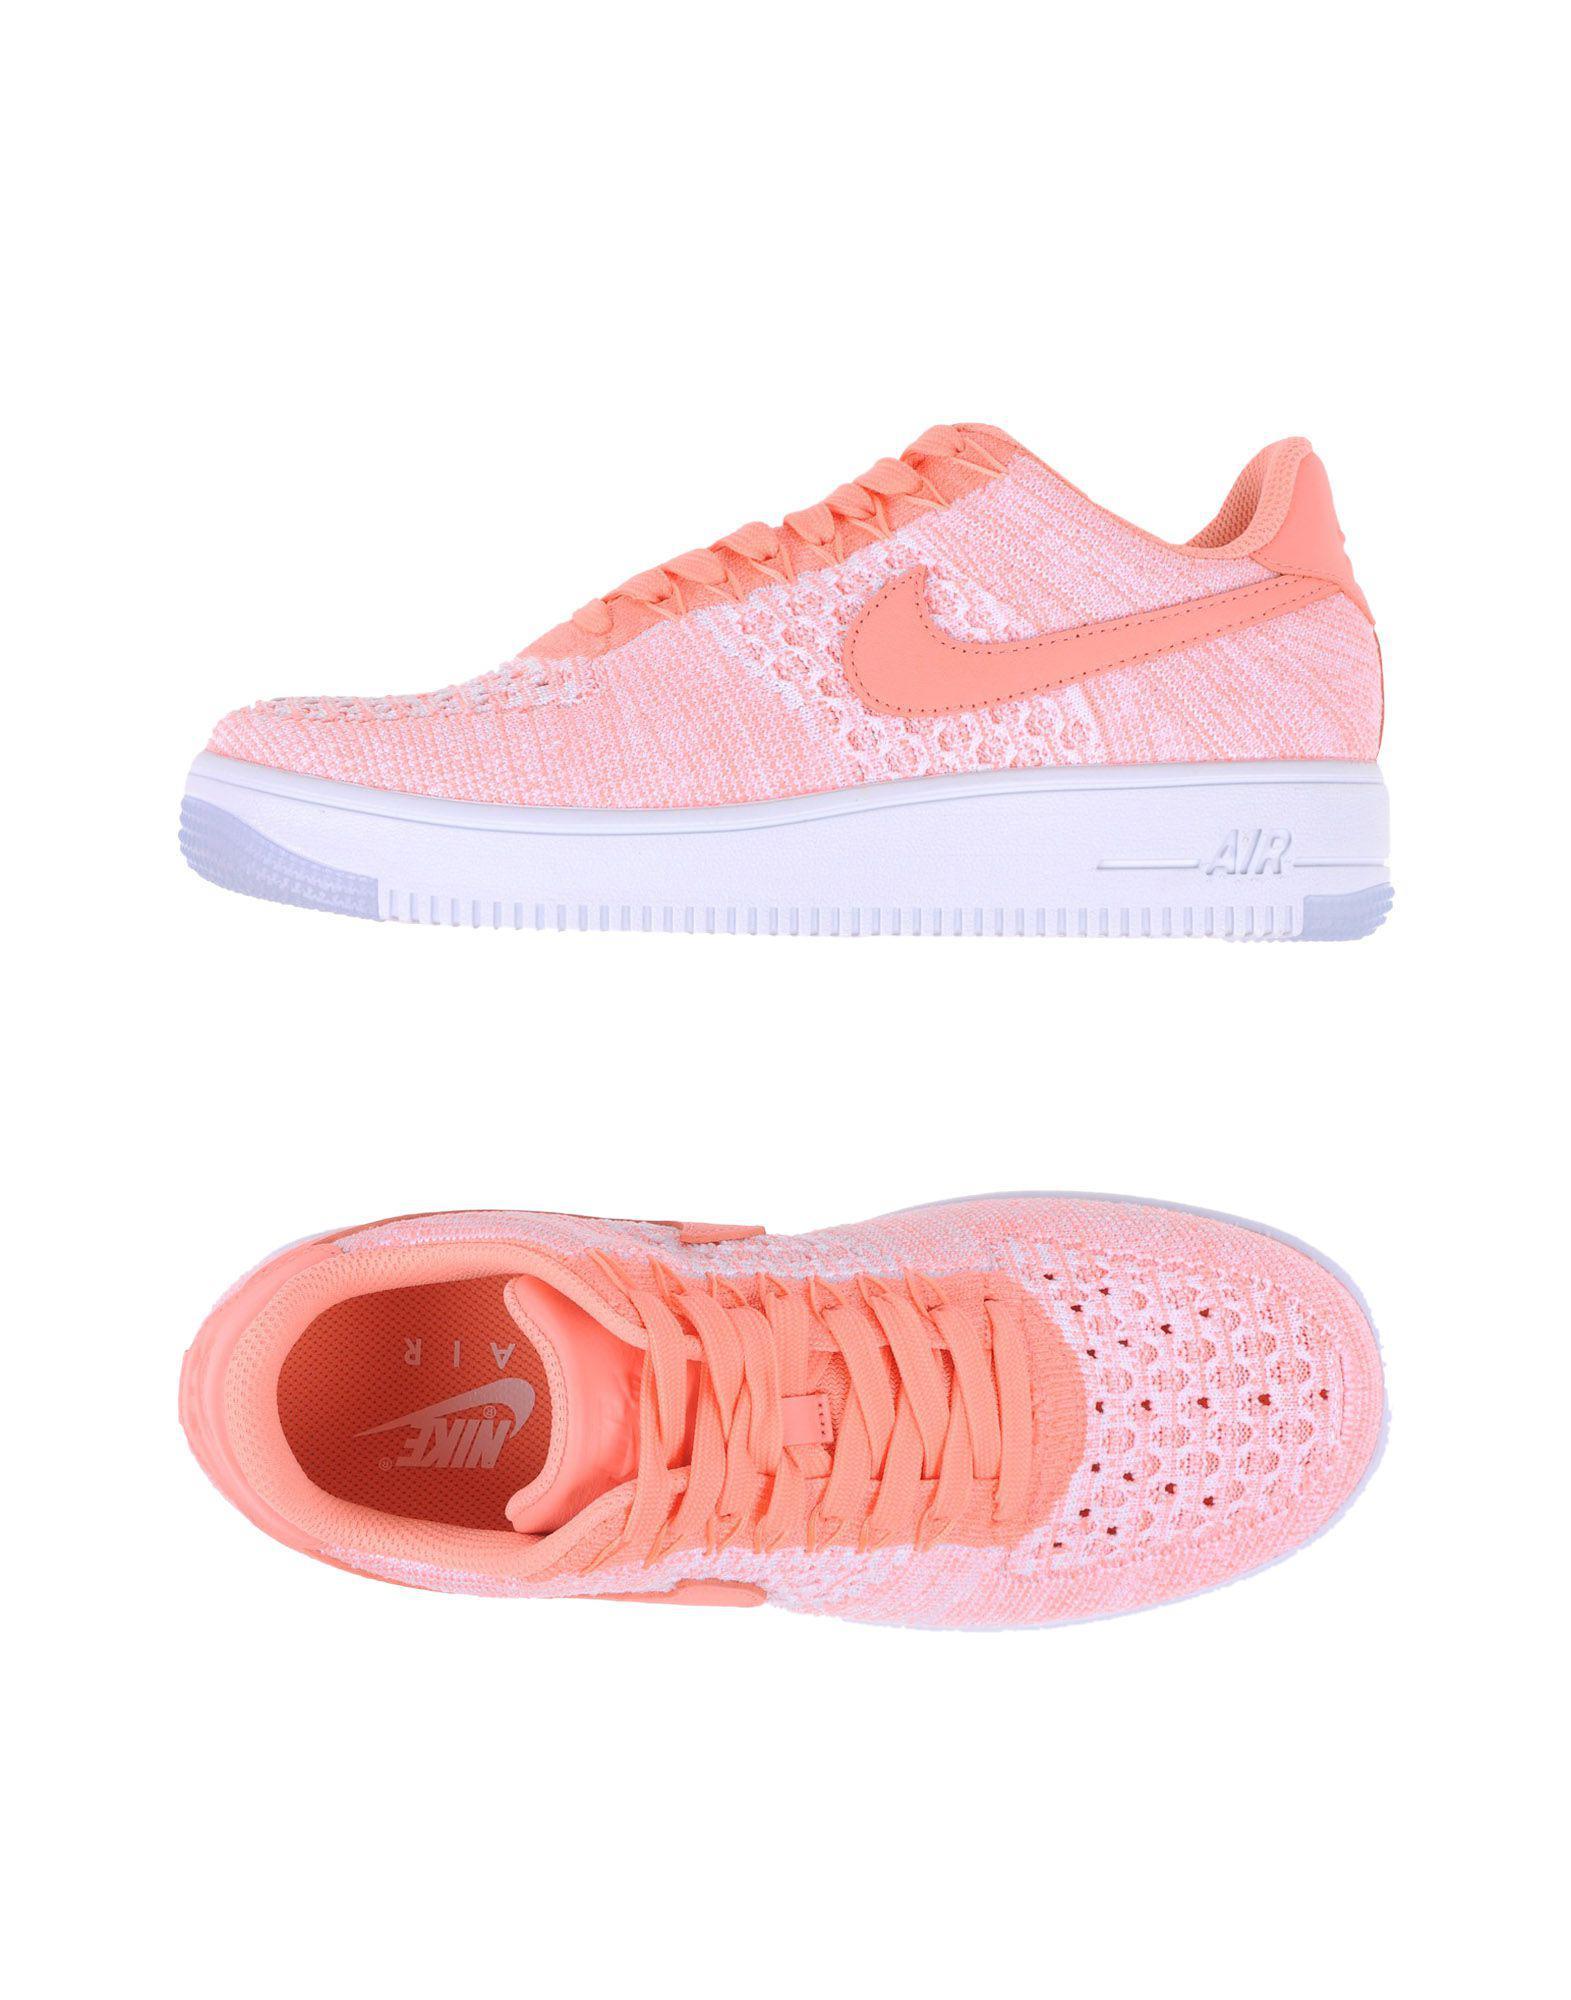 Basses Rose Sneakersamp; Coloris De Tennis Femme TFc3lK1J